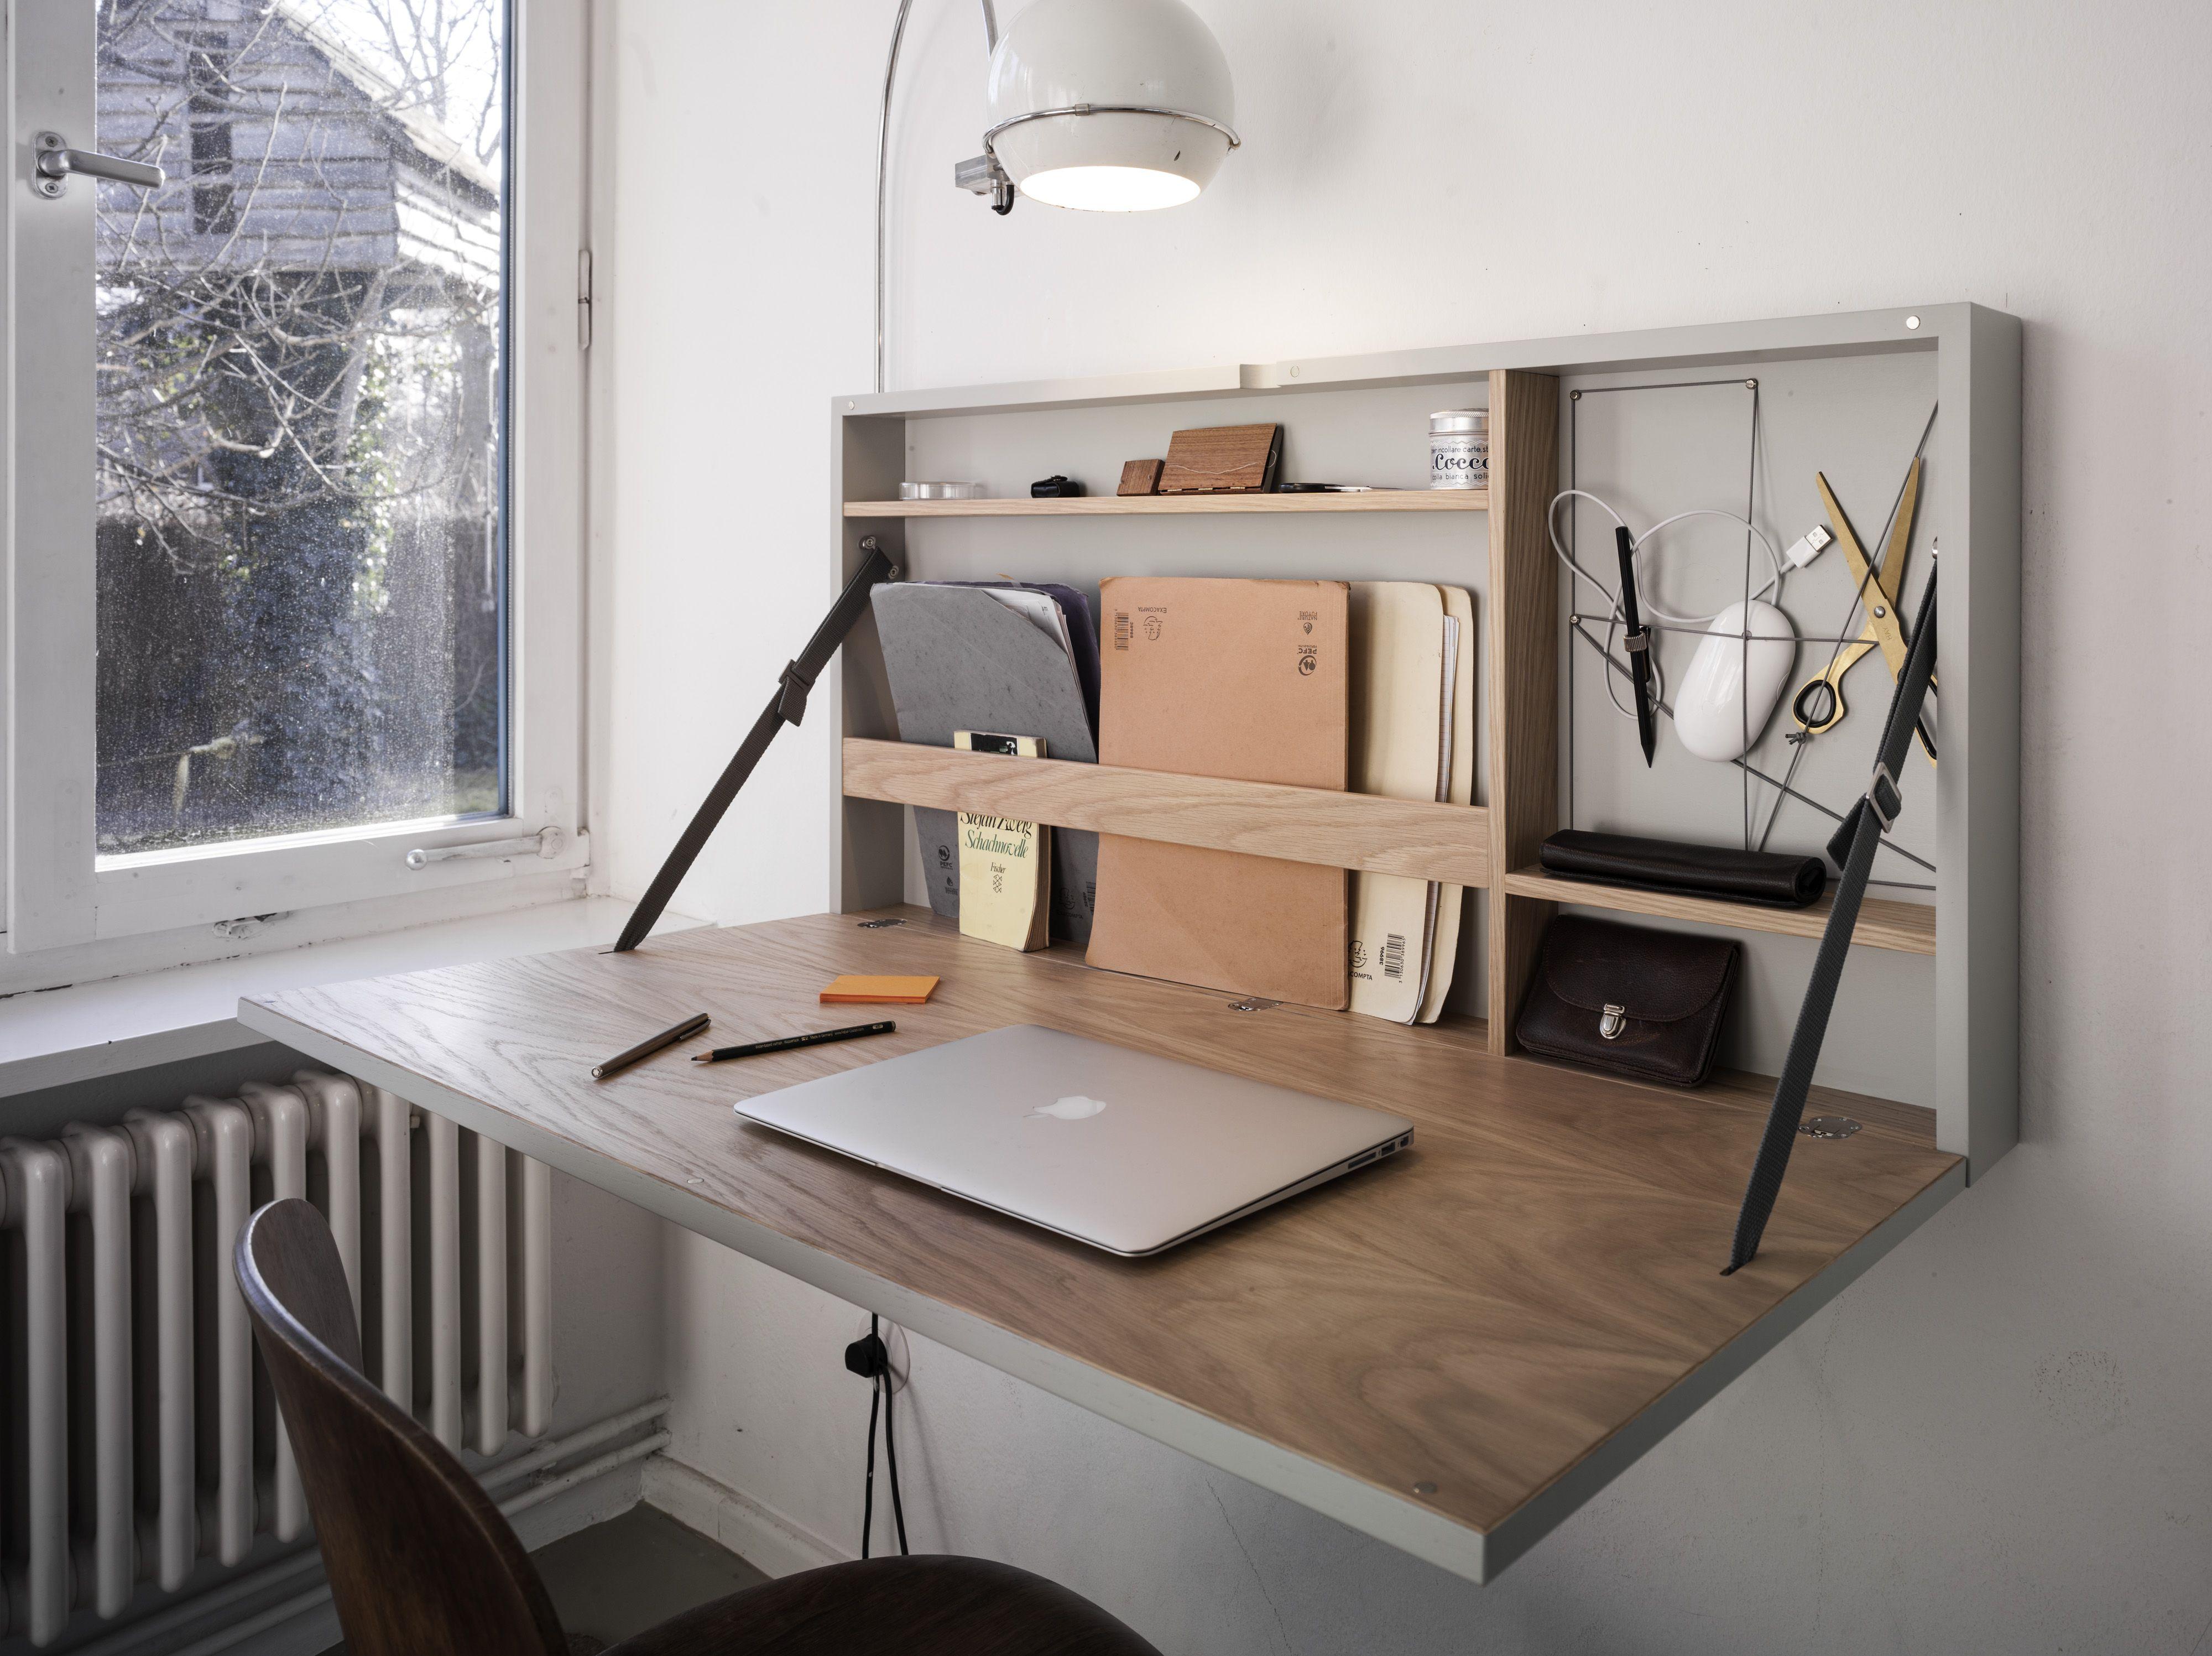 Photo of Wandsekretär, Schreibtisch, Arbeitsplatz